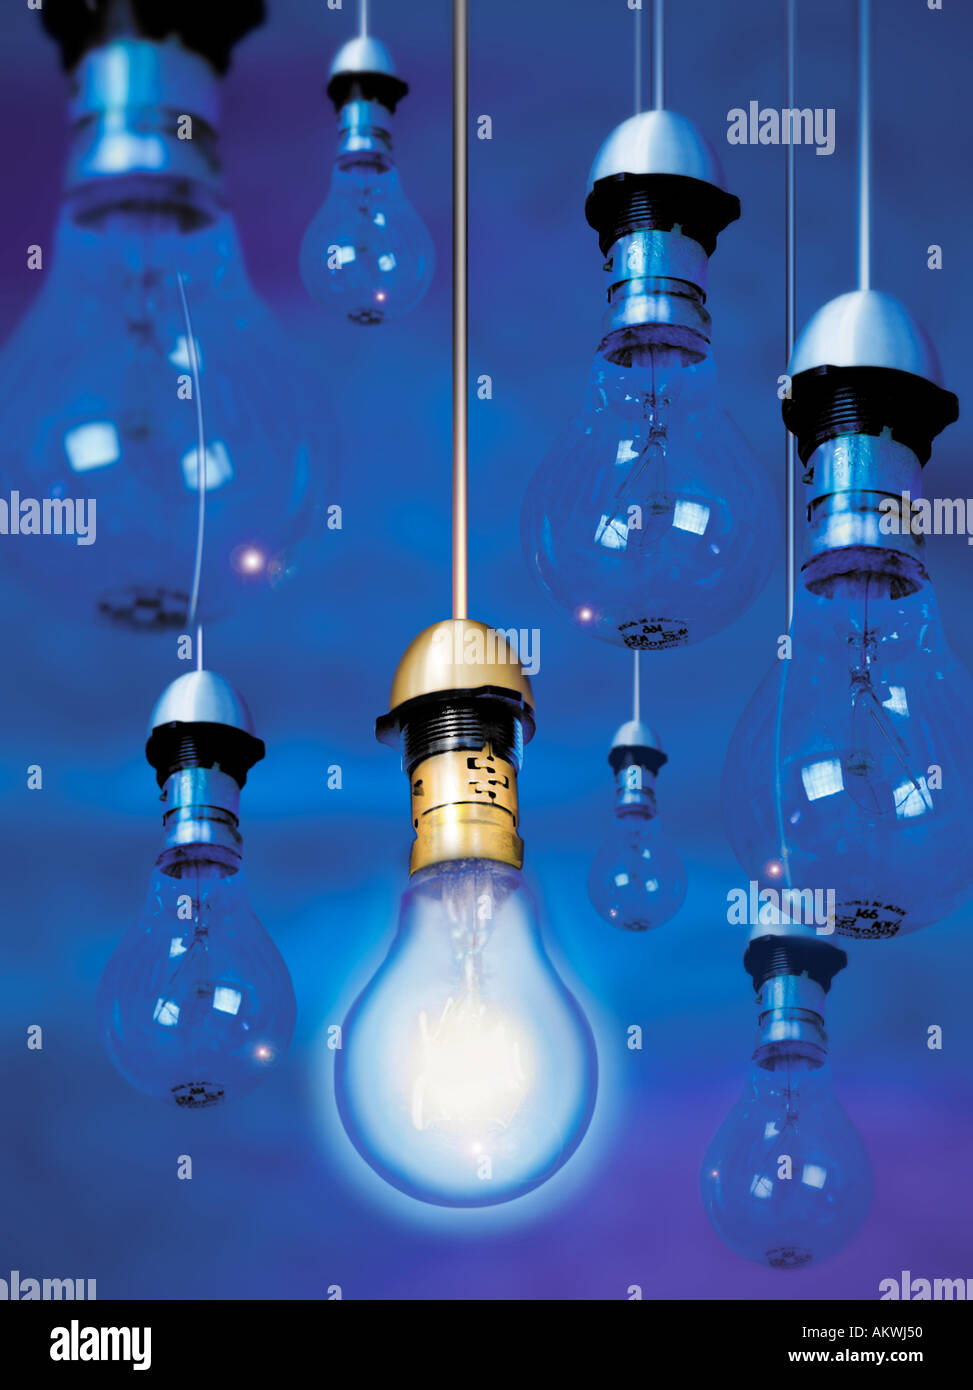 62dbd083a1b Las bombillas colgando del techo sólo un fondo azul encendido encendido  otros azul Imagen De Stock